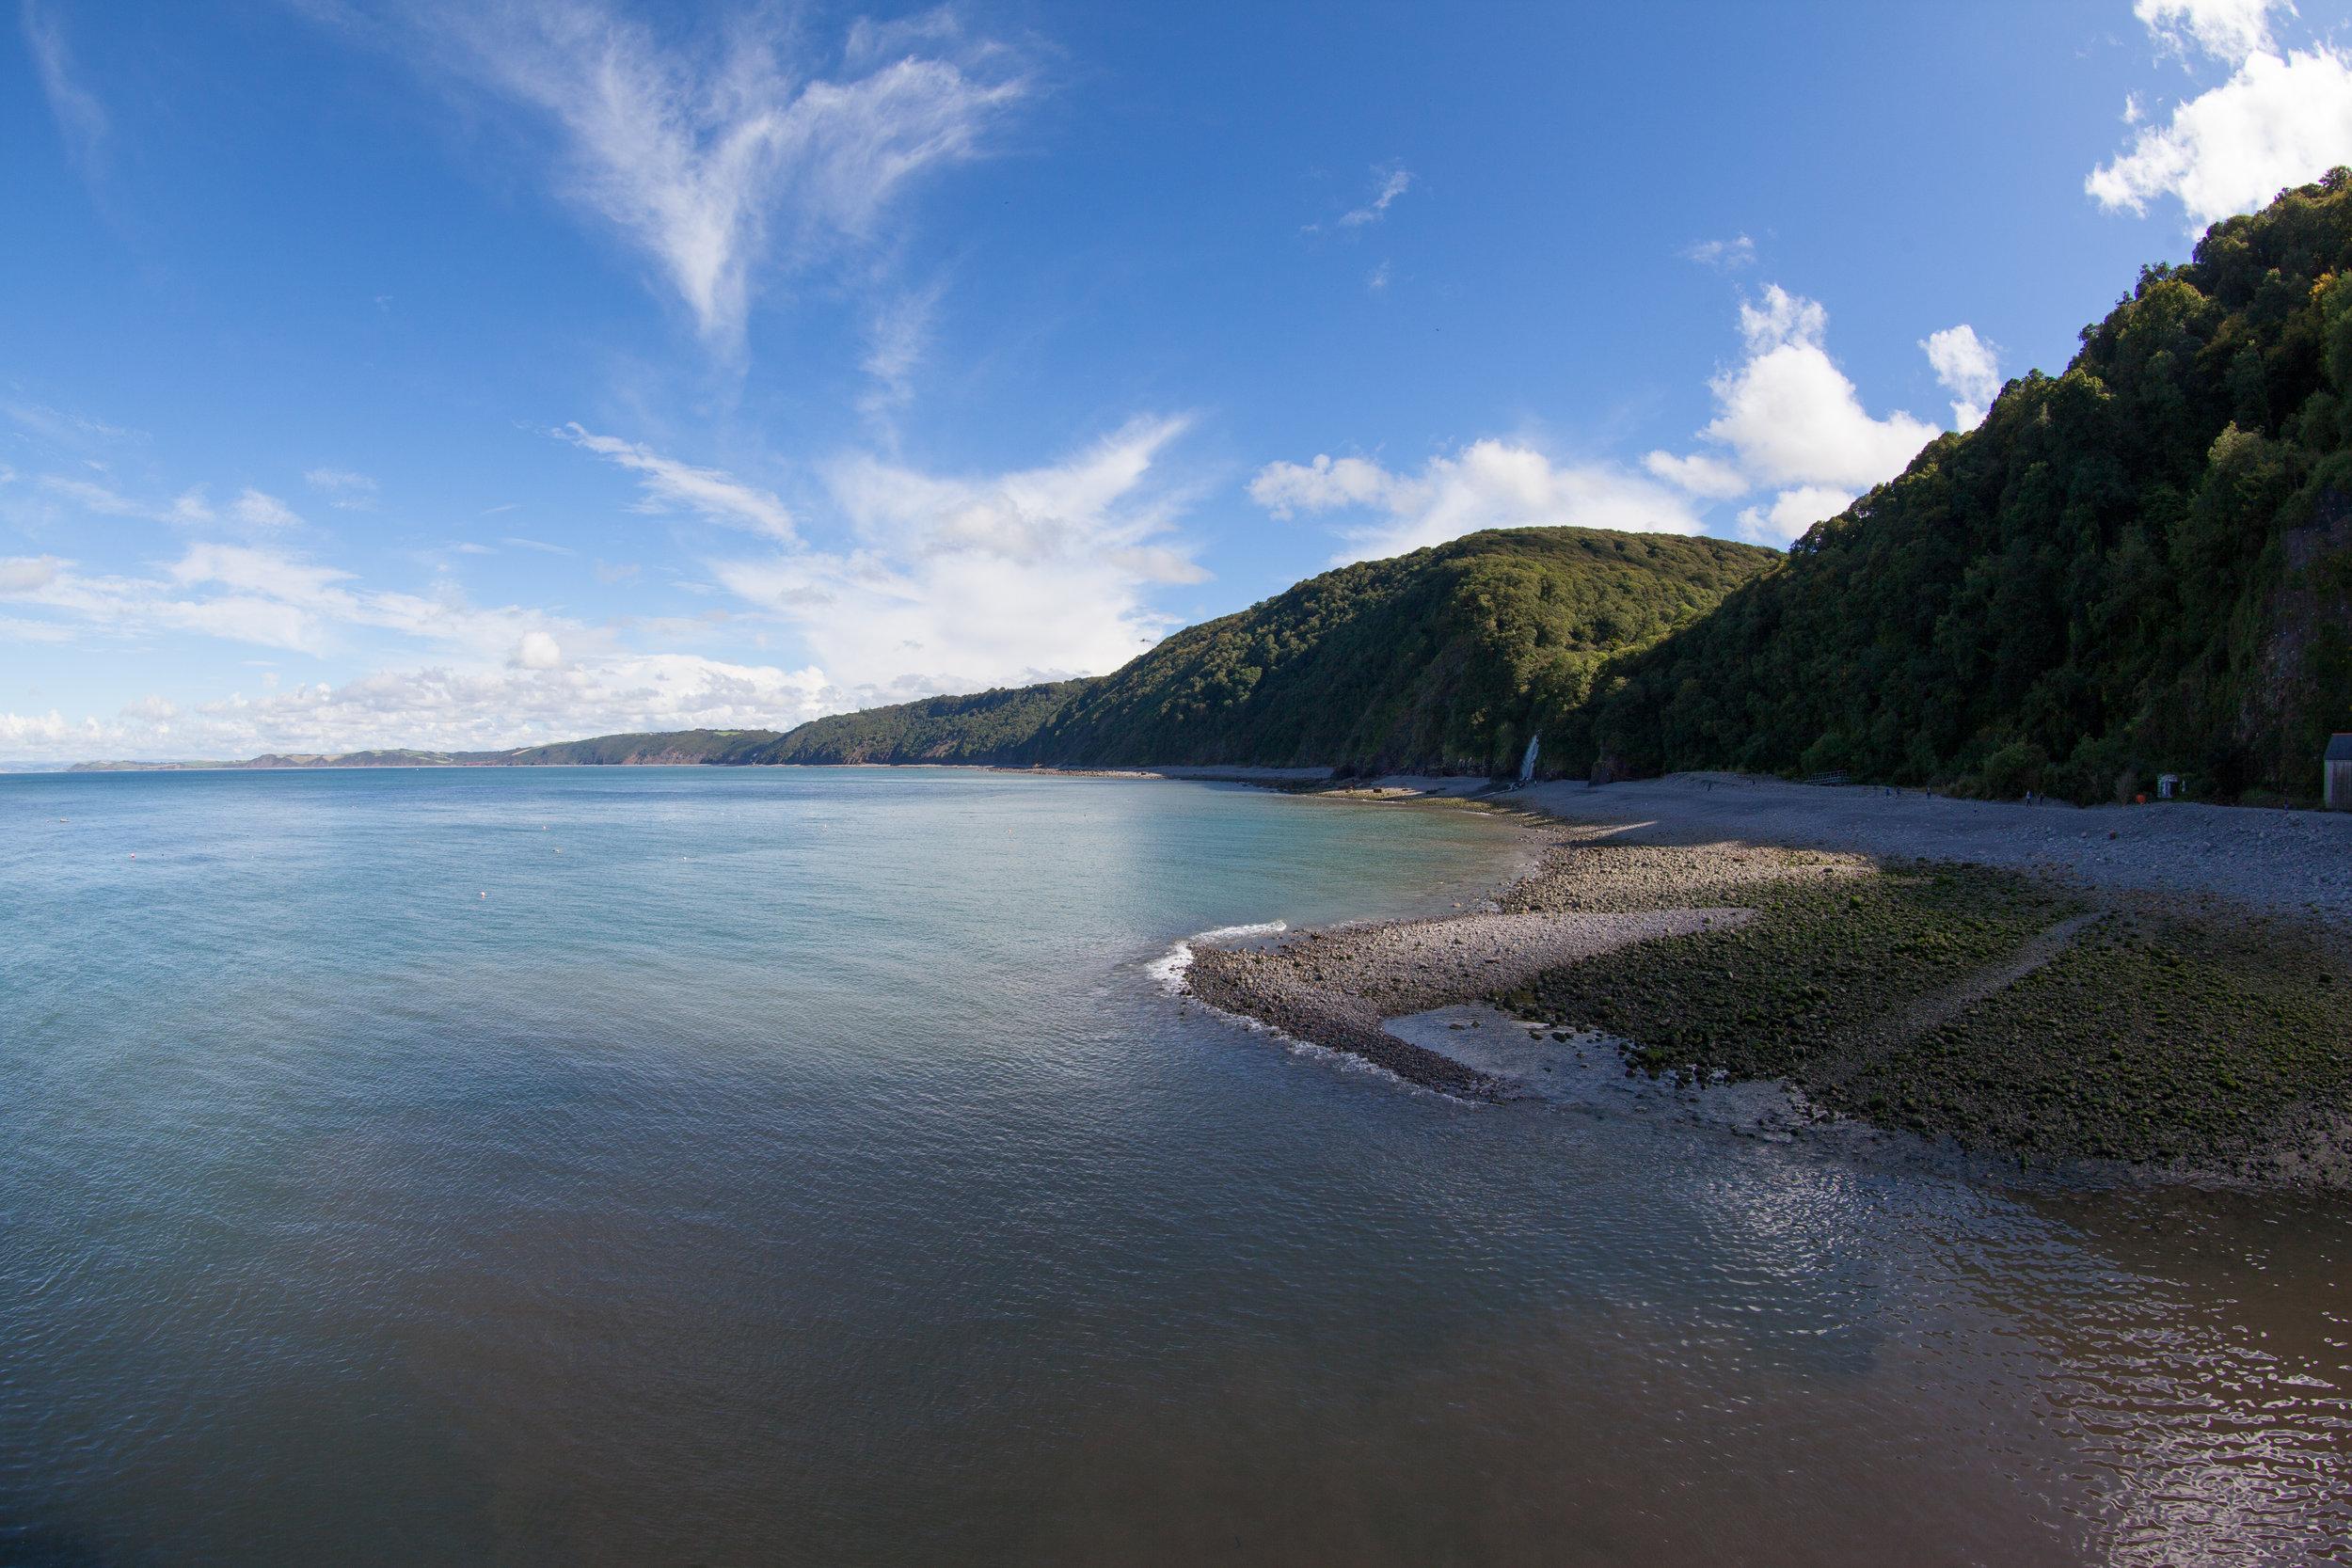 Beautiful British coastline.